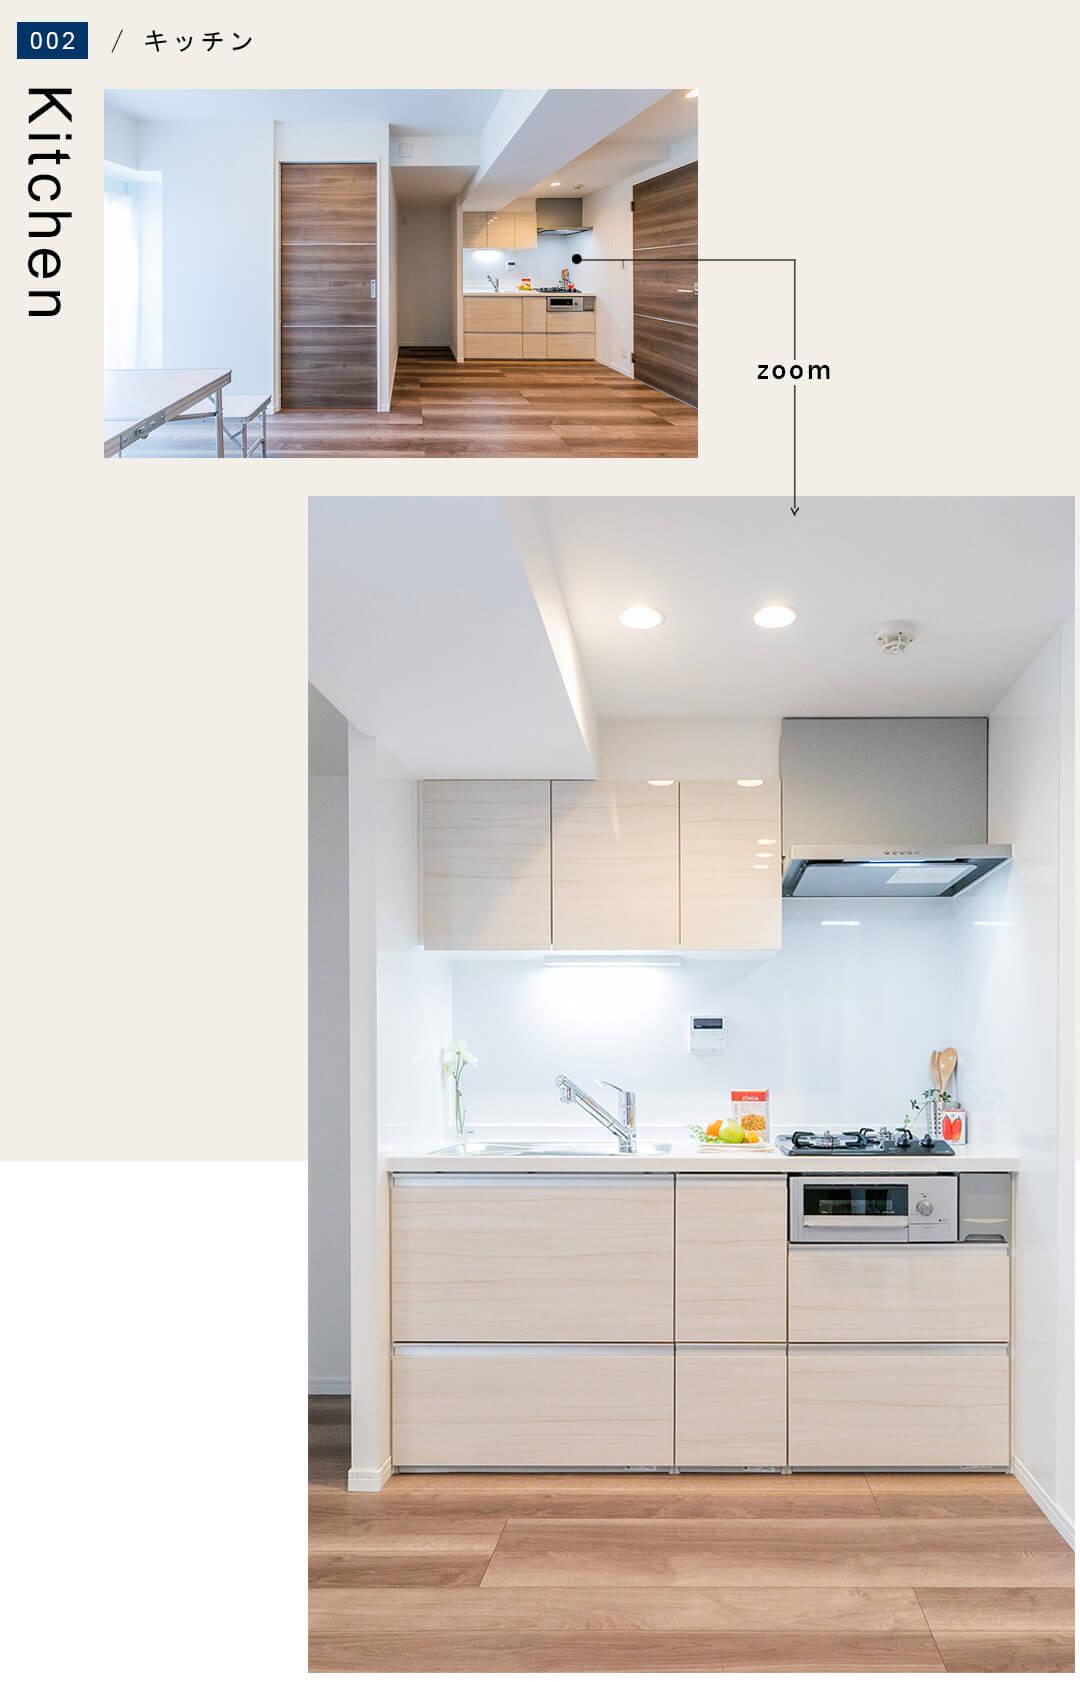 ヴァンヴェール世田谷 1201のキッチン